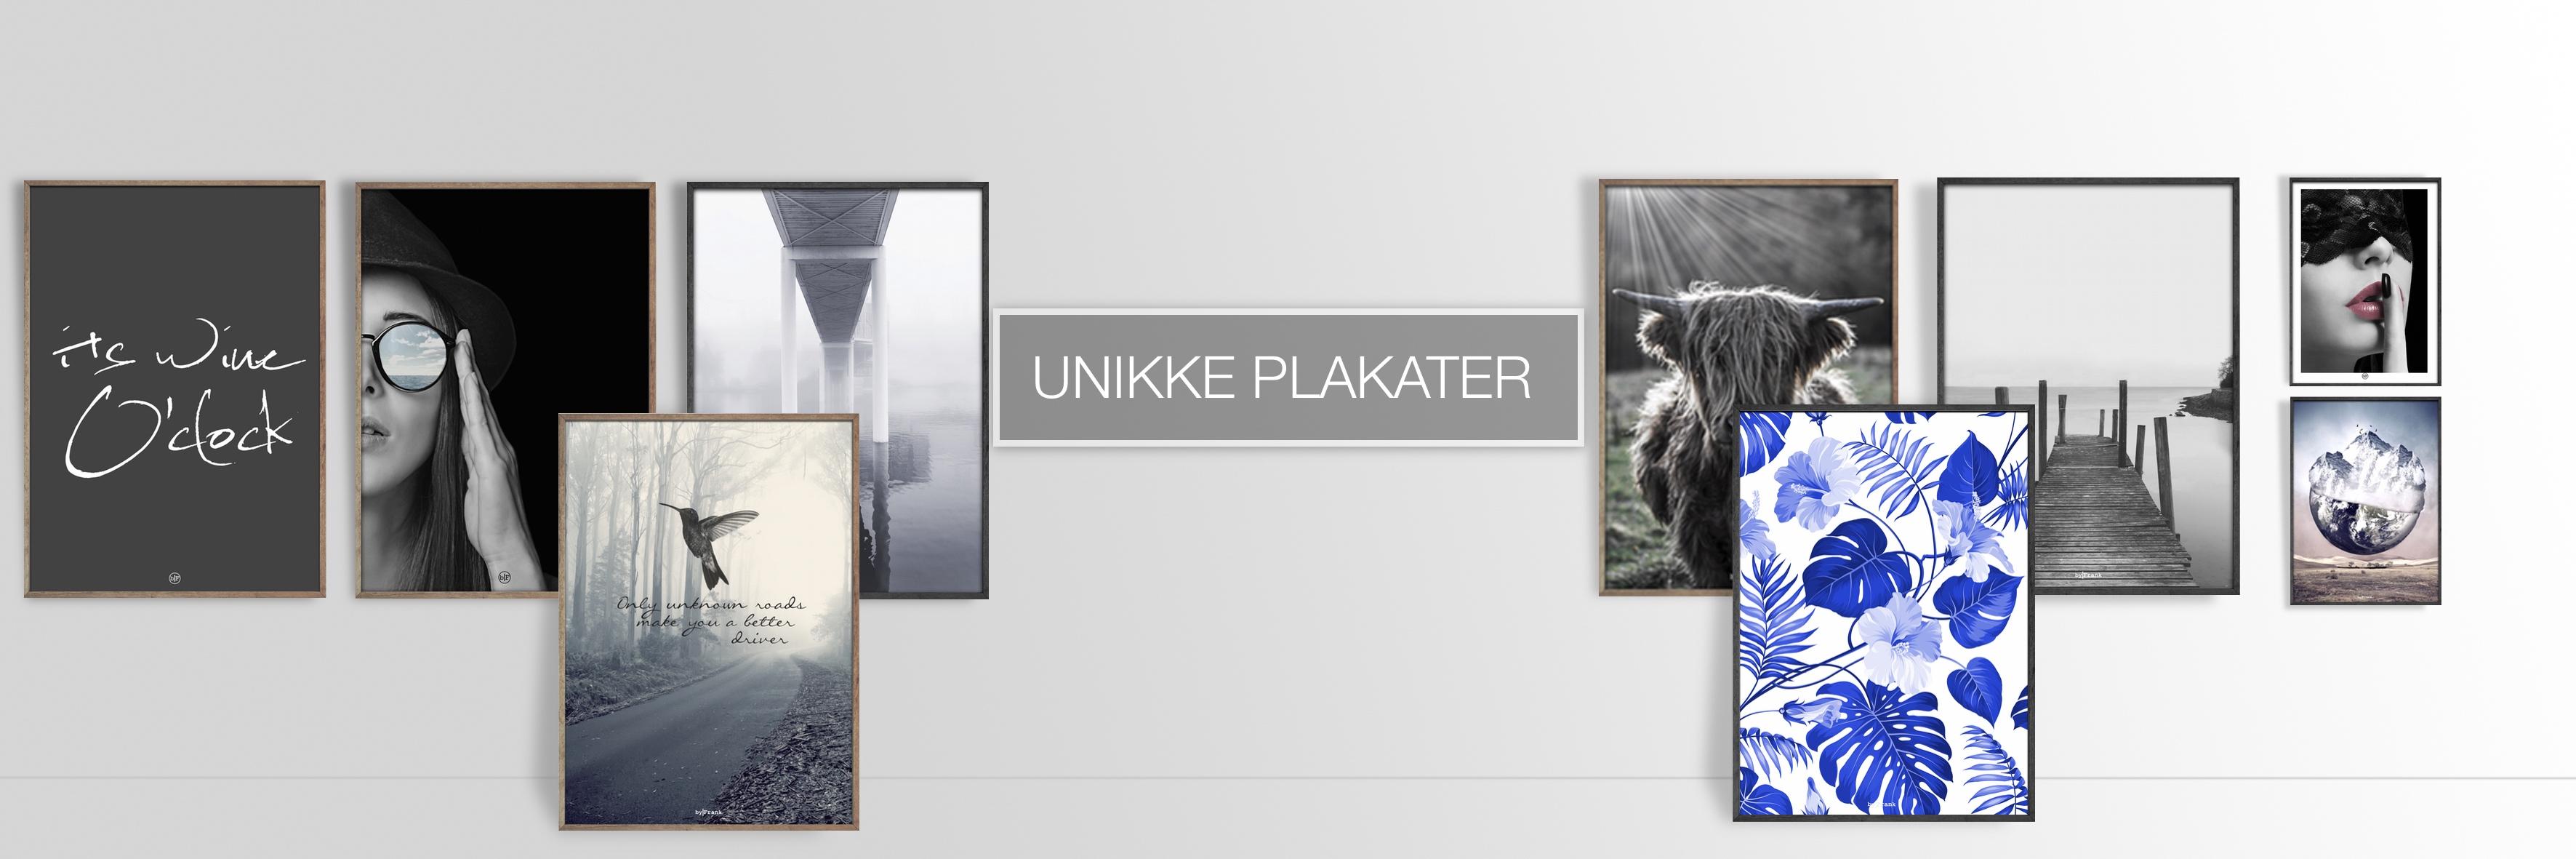 unikke-plakater